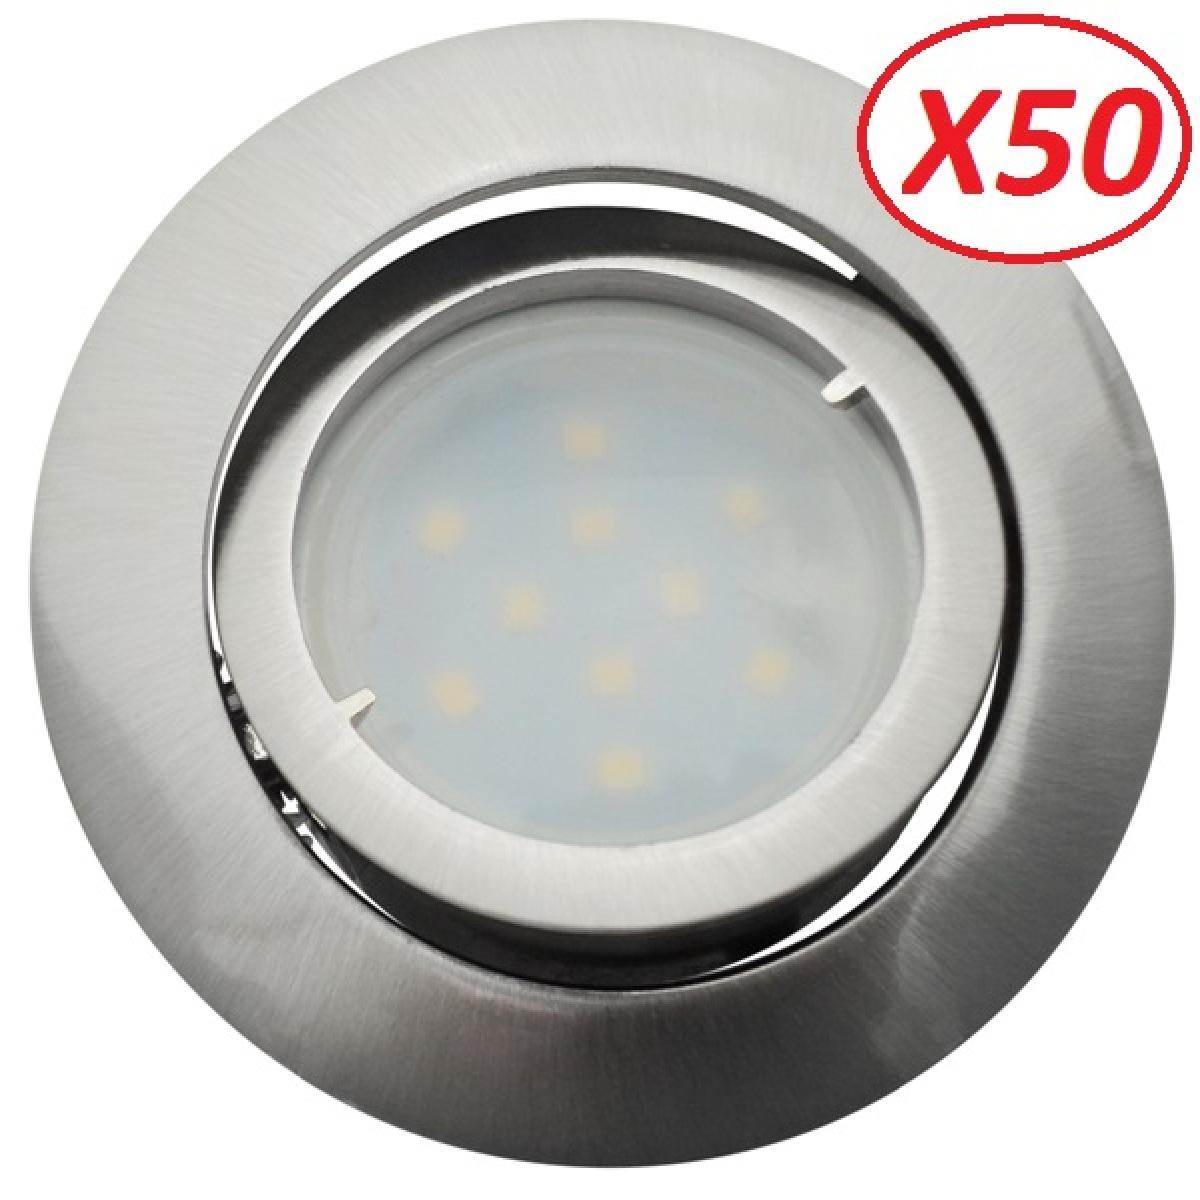 Eurobryte Lot de 50 Spot Led Encastrable Complete Satin Orientable lumière Blanc Chaud eq. 50W ref.209